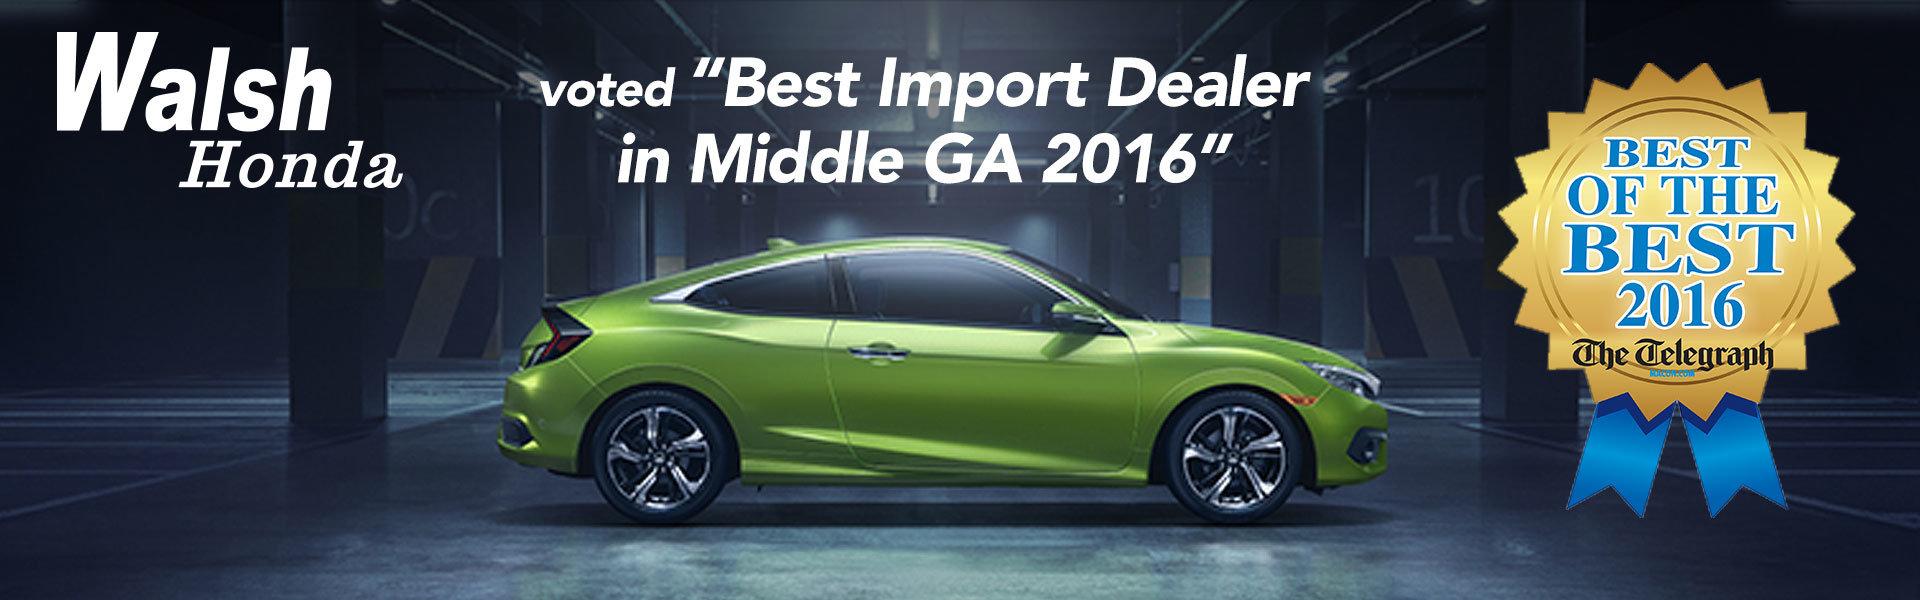 Best Import Dealer In Middle GA 2016